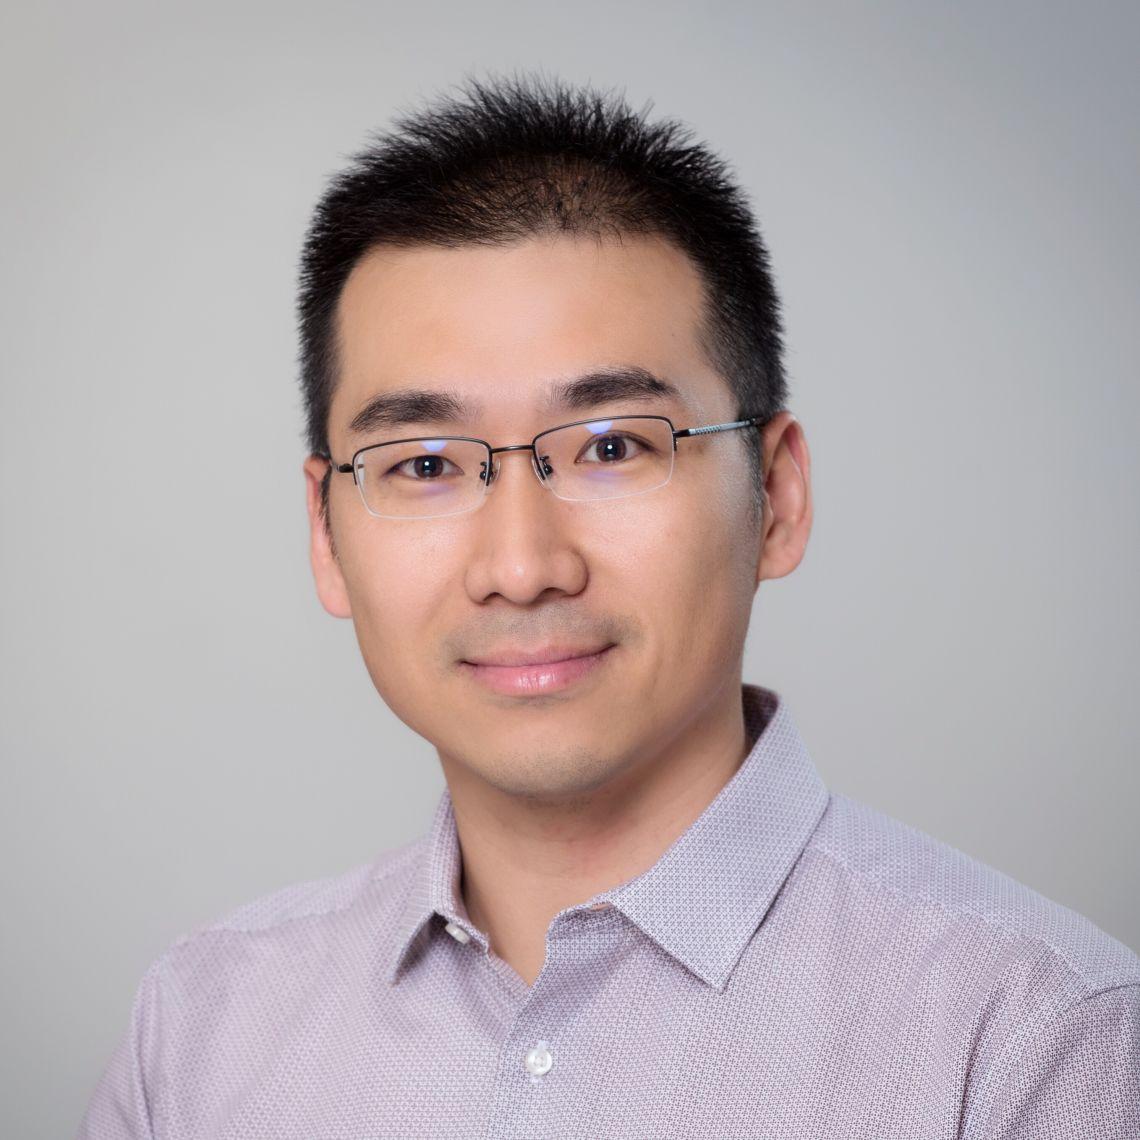 Dr. Yazhuo Kong